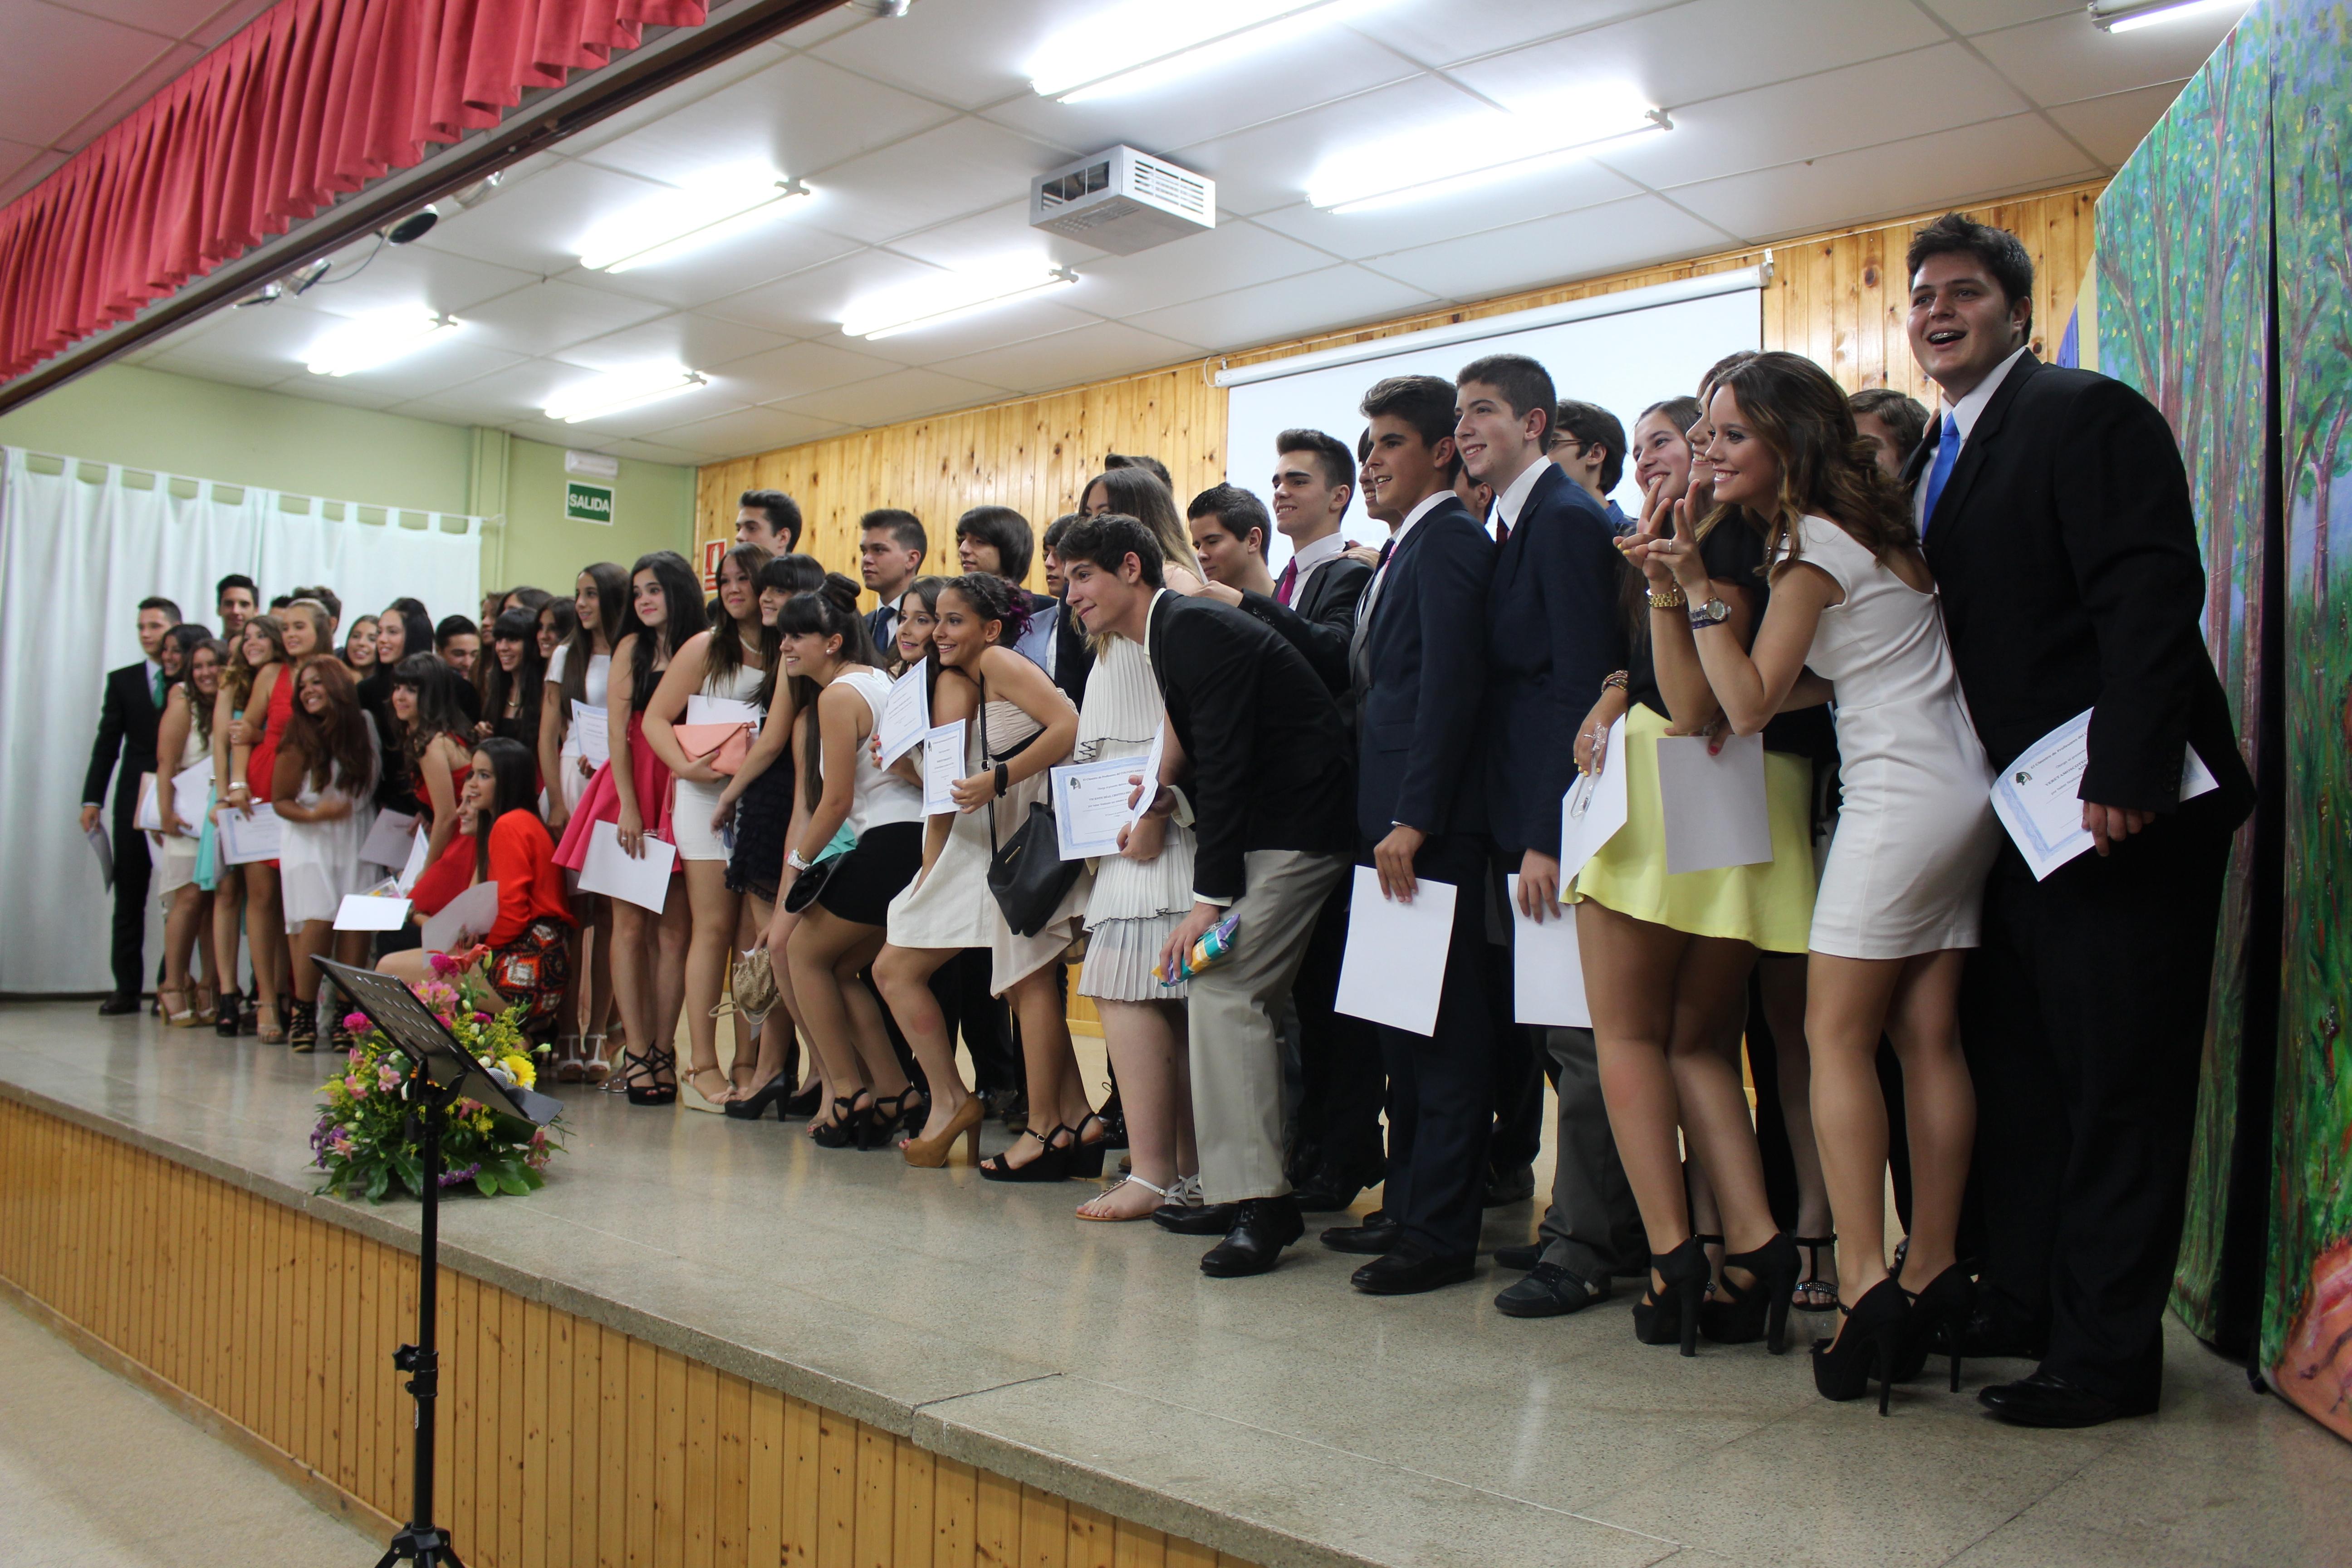 Cuarto De Eso | Tablon De Anuncios Colegio Concertado Arboleda Page 13